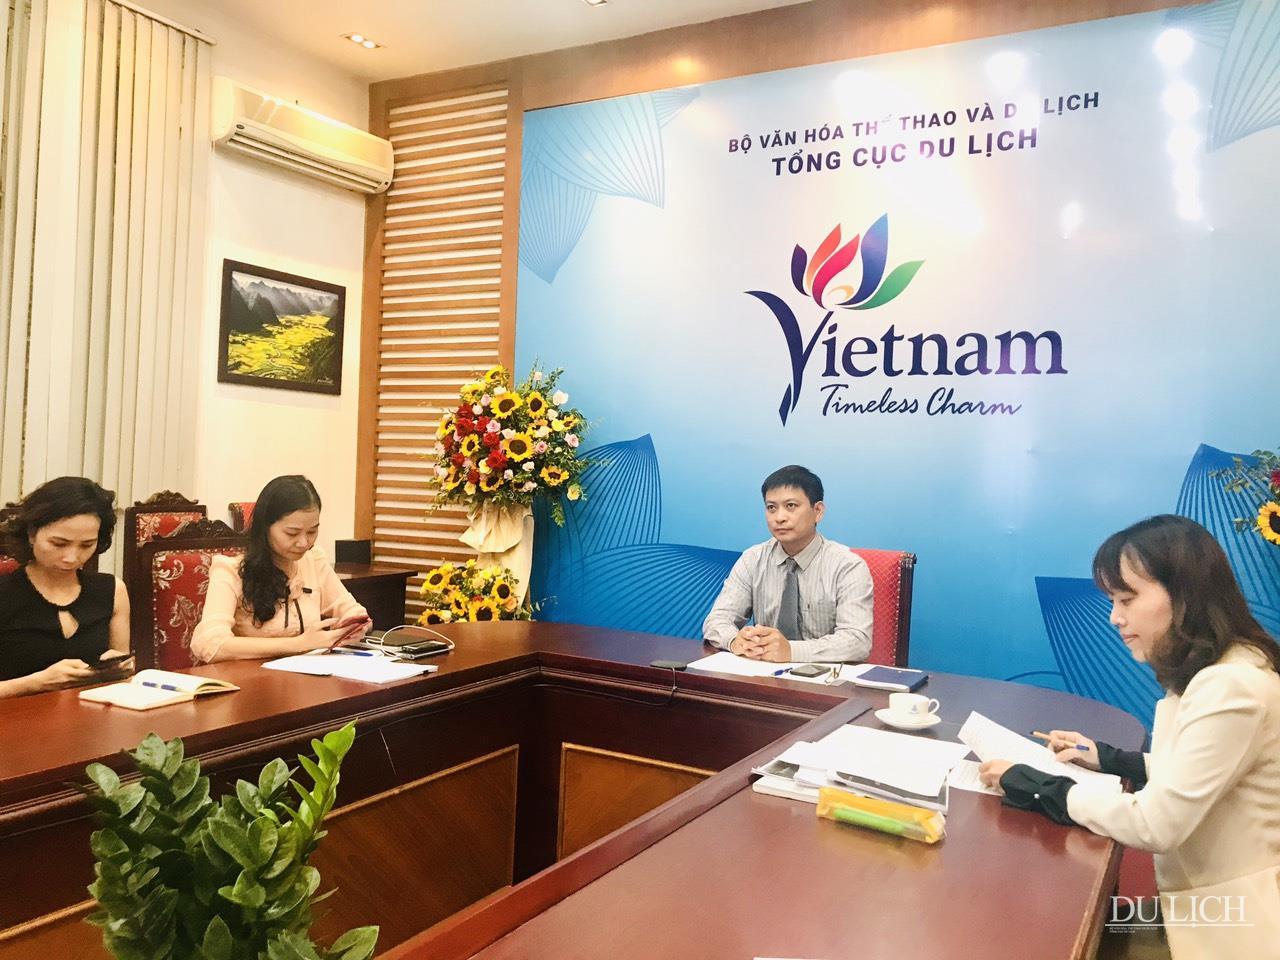 ONLINE WORKSHOP UPDATE VIETNAM TOURIST INFORMATION TO KOREA MARKET